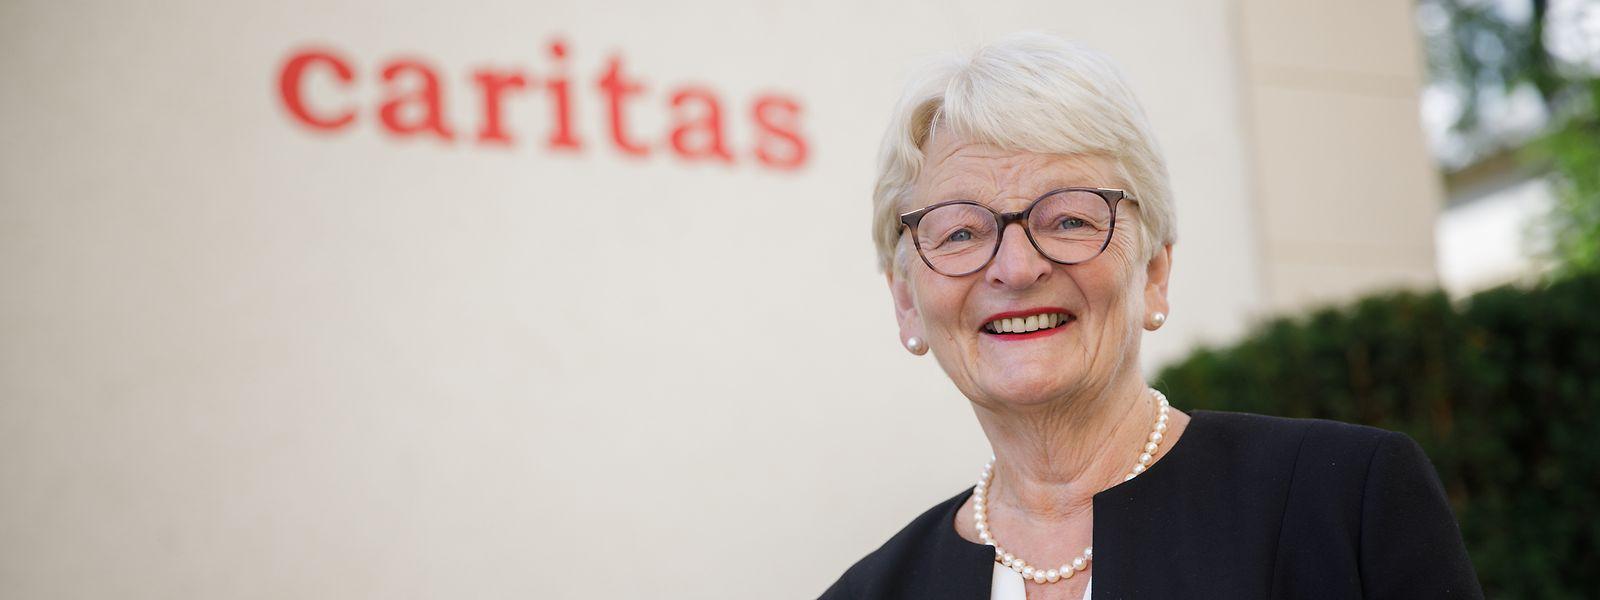 """Caritas-Präsidentin Marie-Josée Jacobs: Die Corona-Krise hat """"unvorhergesehene finanzielle Folgen""""."""